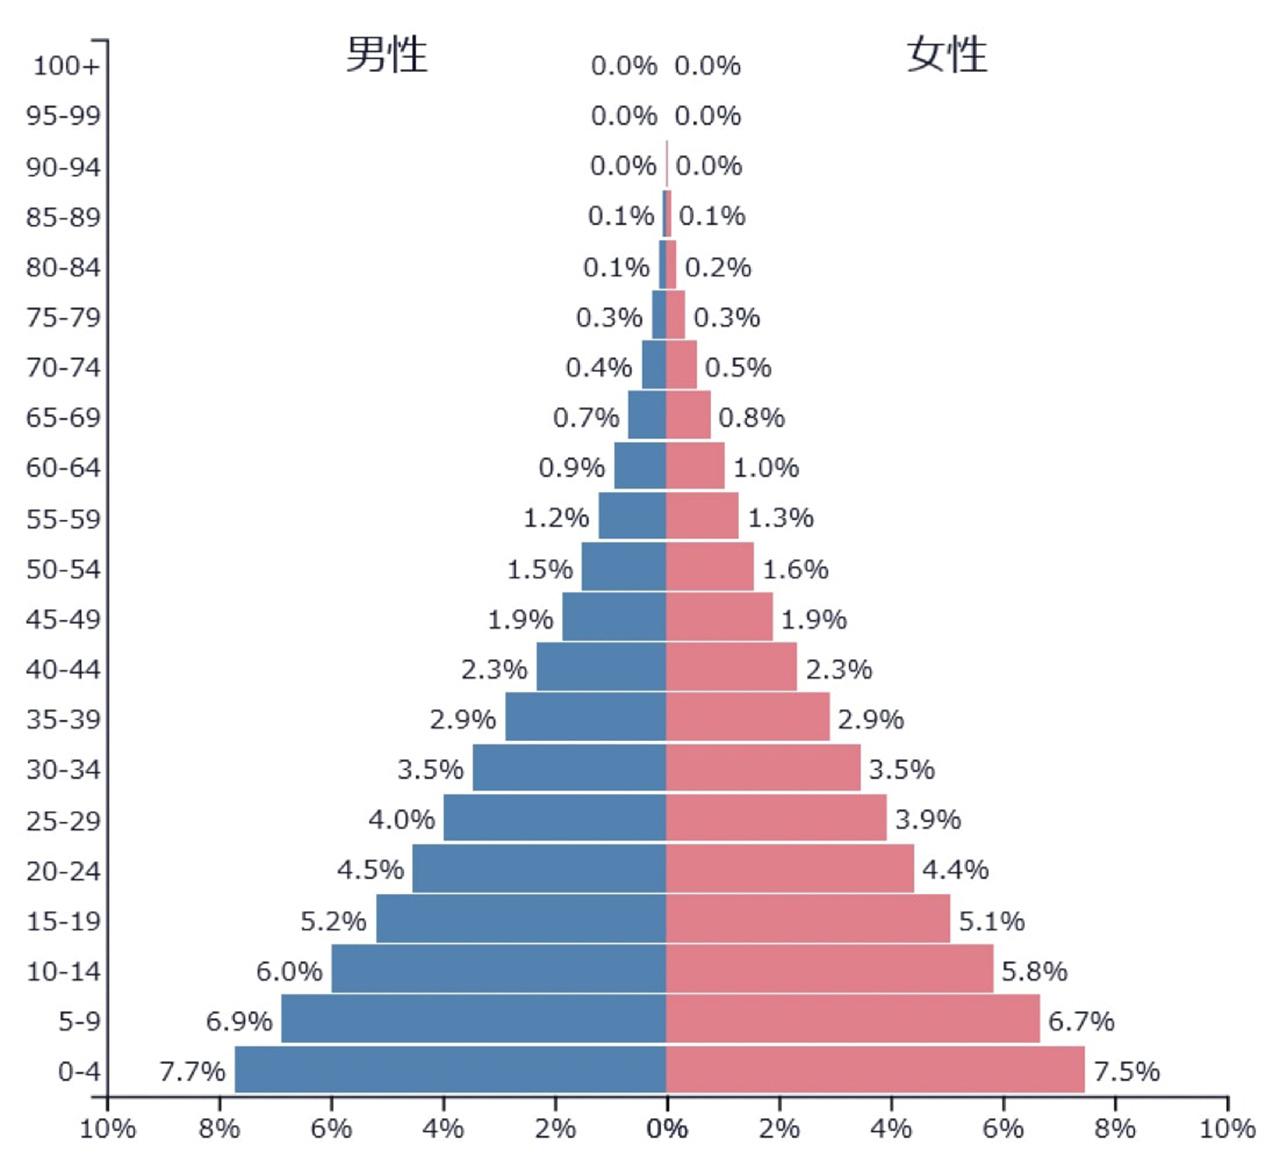 アフリカの年代別人口構成(2018年)